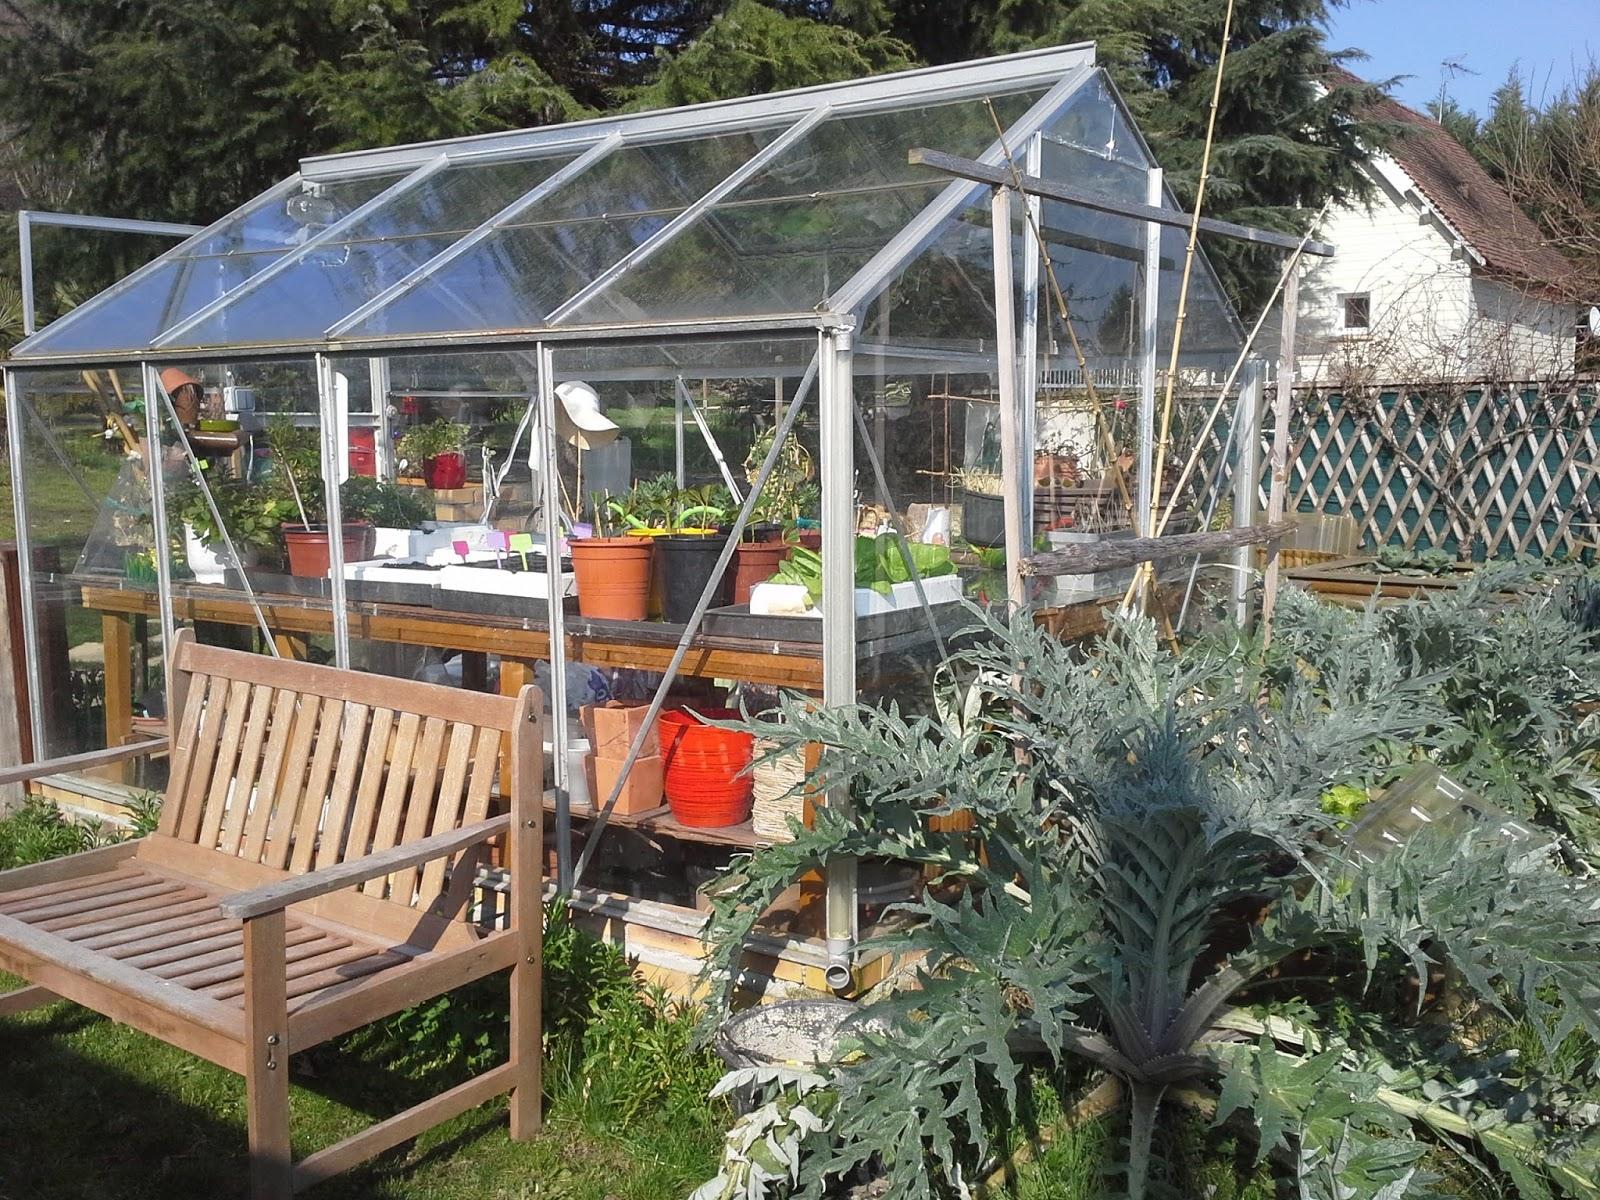 du jardin la table a vos semis. Black Bedroom Furniture Sets. Home Design Ideas